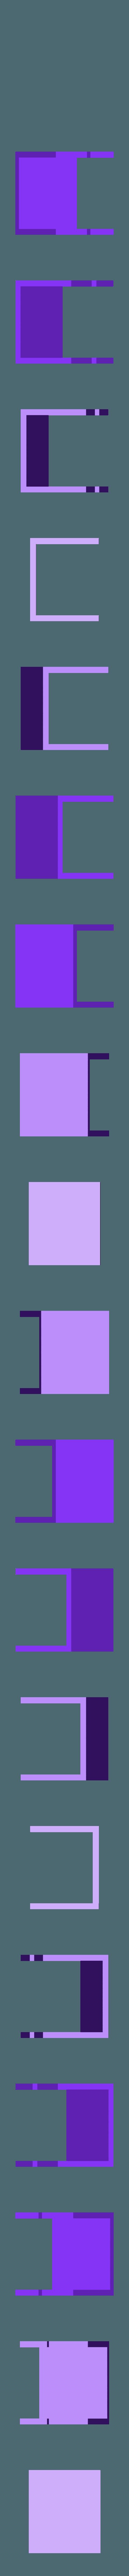 Base.stl Télécharger fichier STL gratuit Coeur à engrenages, édition manivelle à main • Design pour impression 3D, gzumwalt